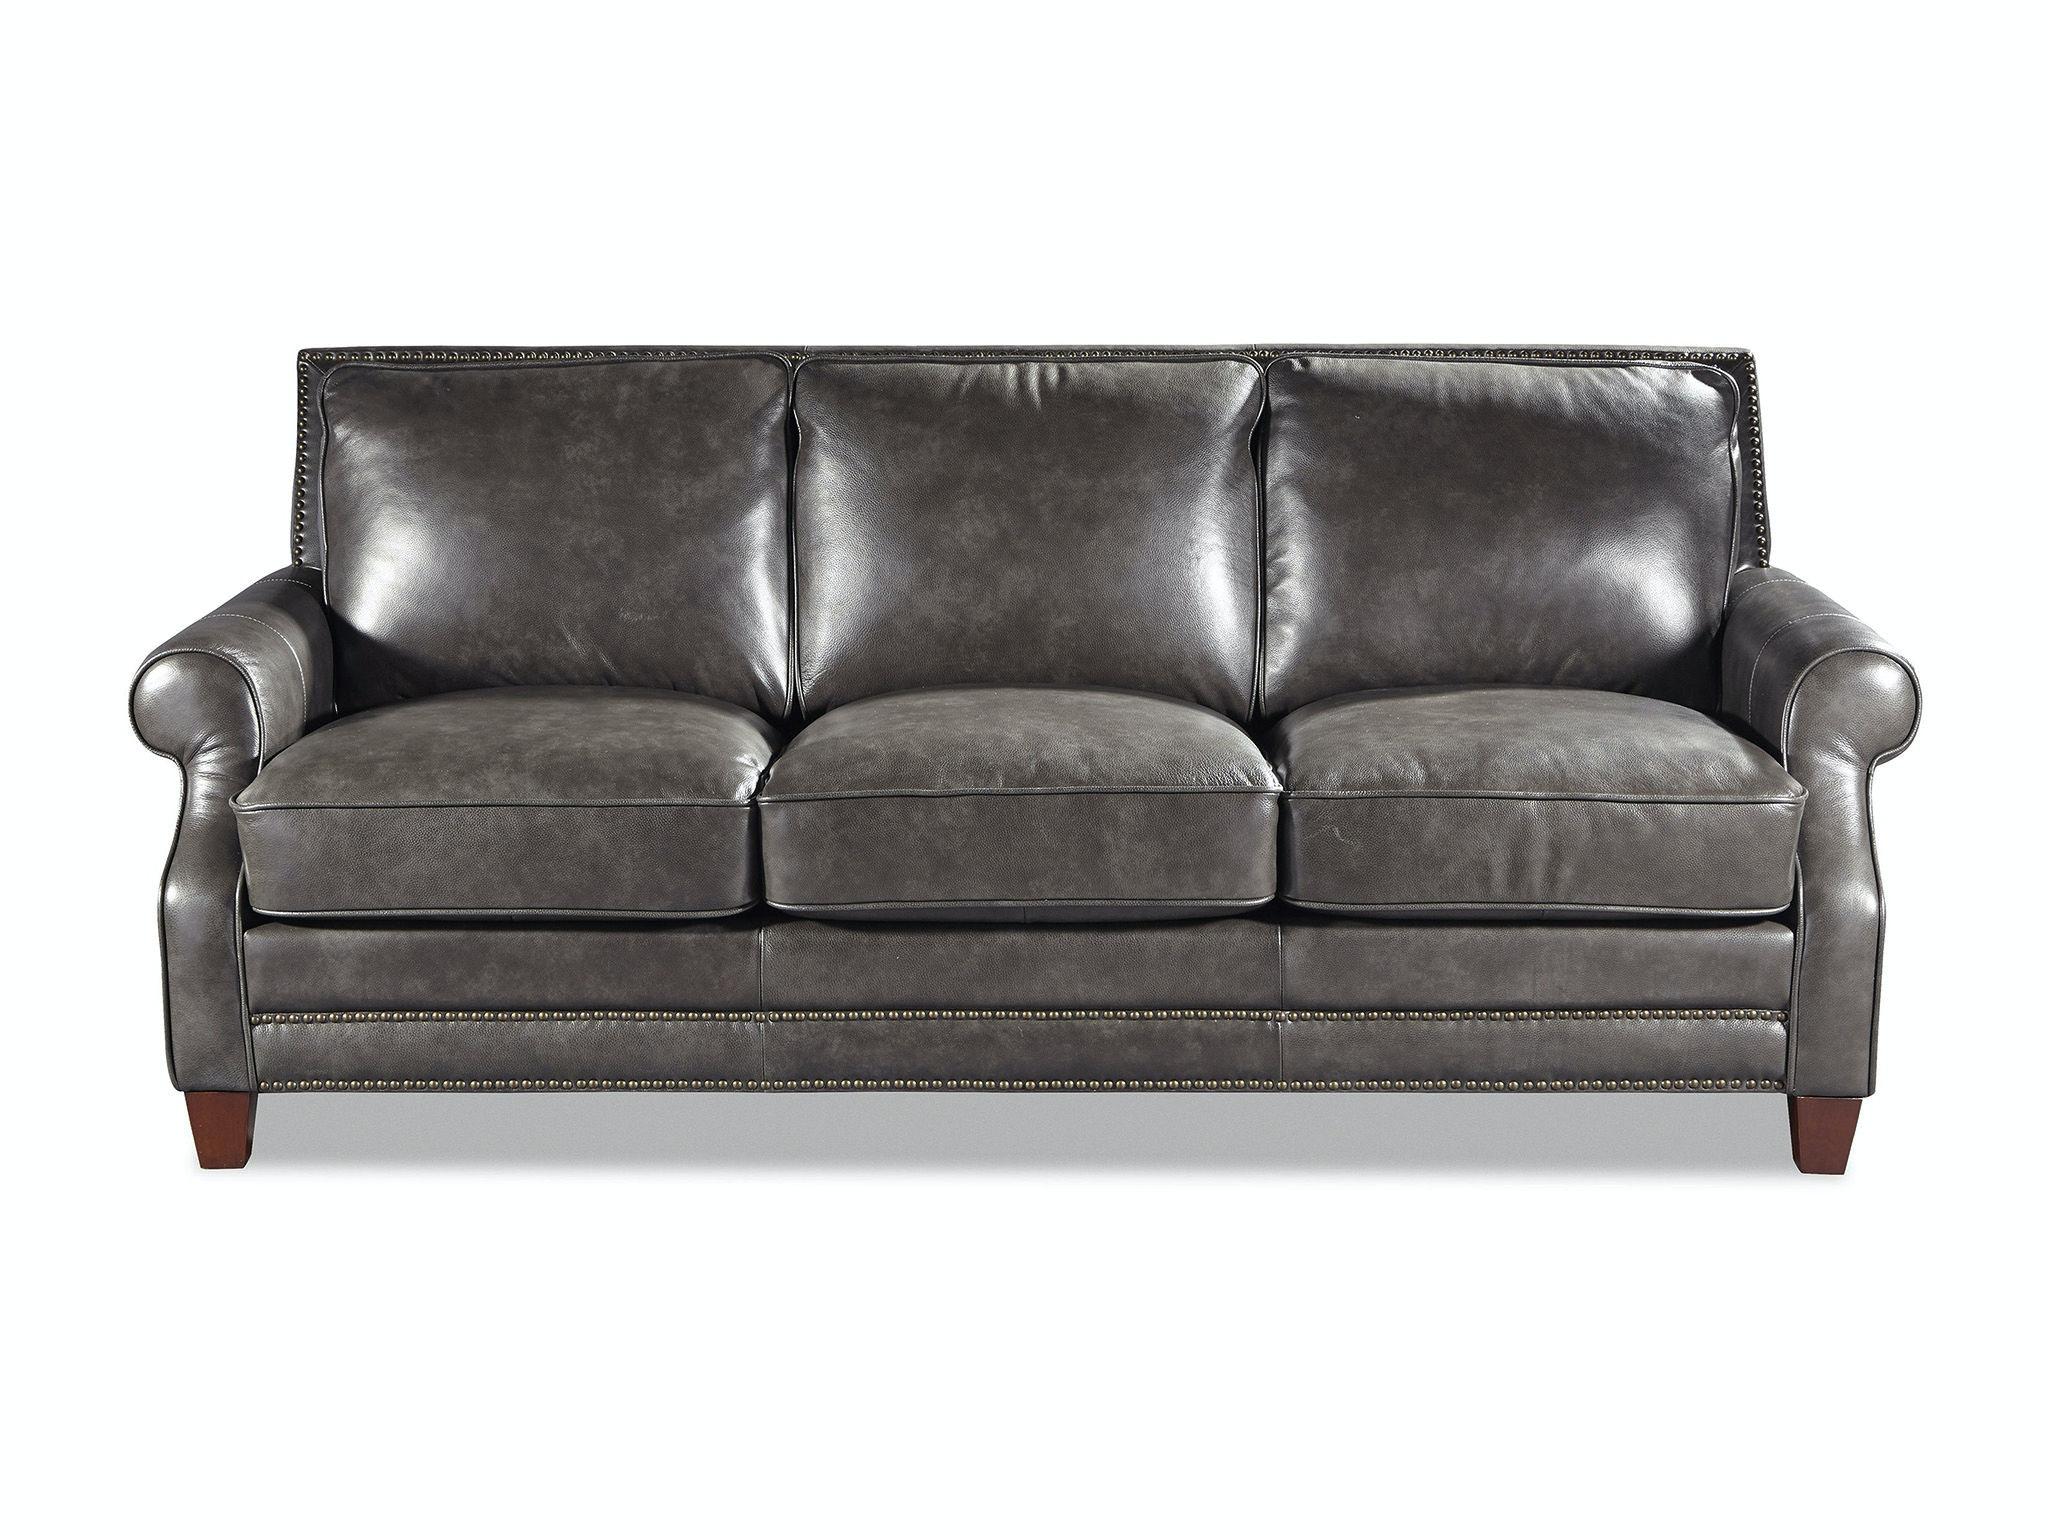 Hickorycraft Living Room Sofa L164050